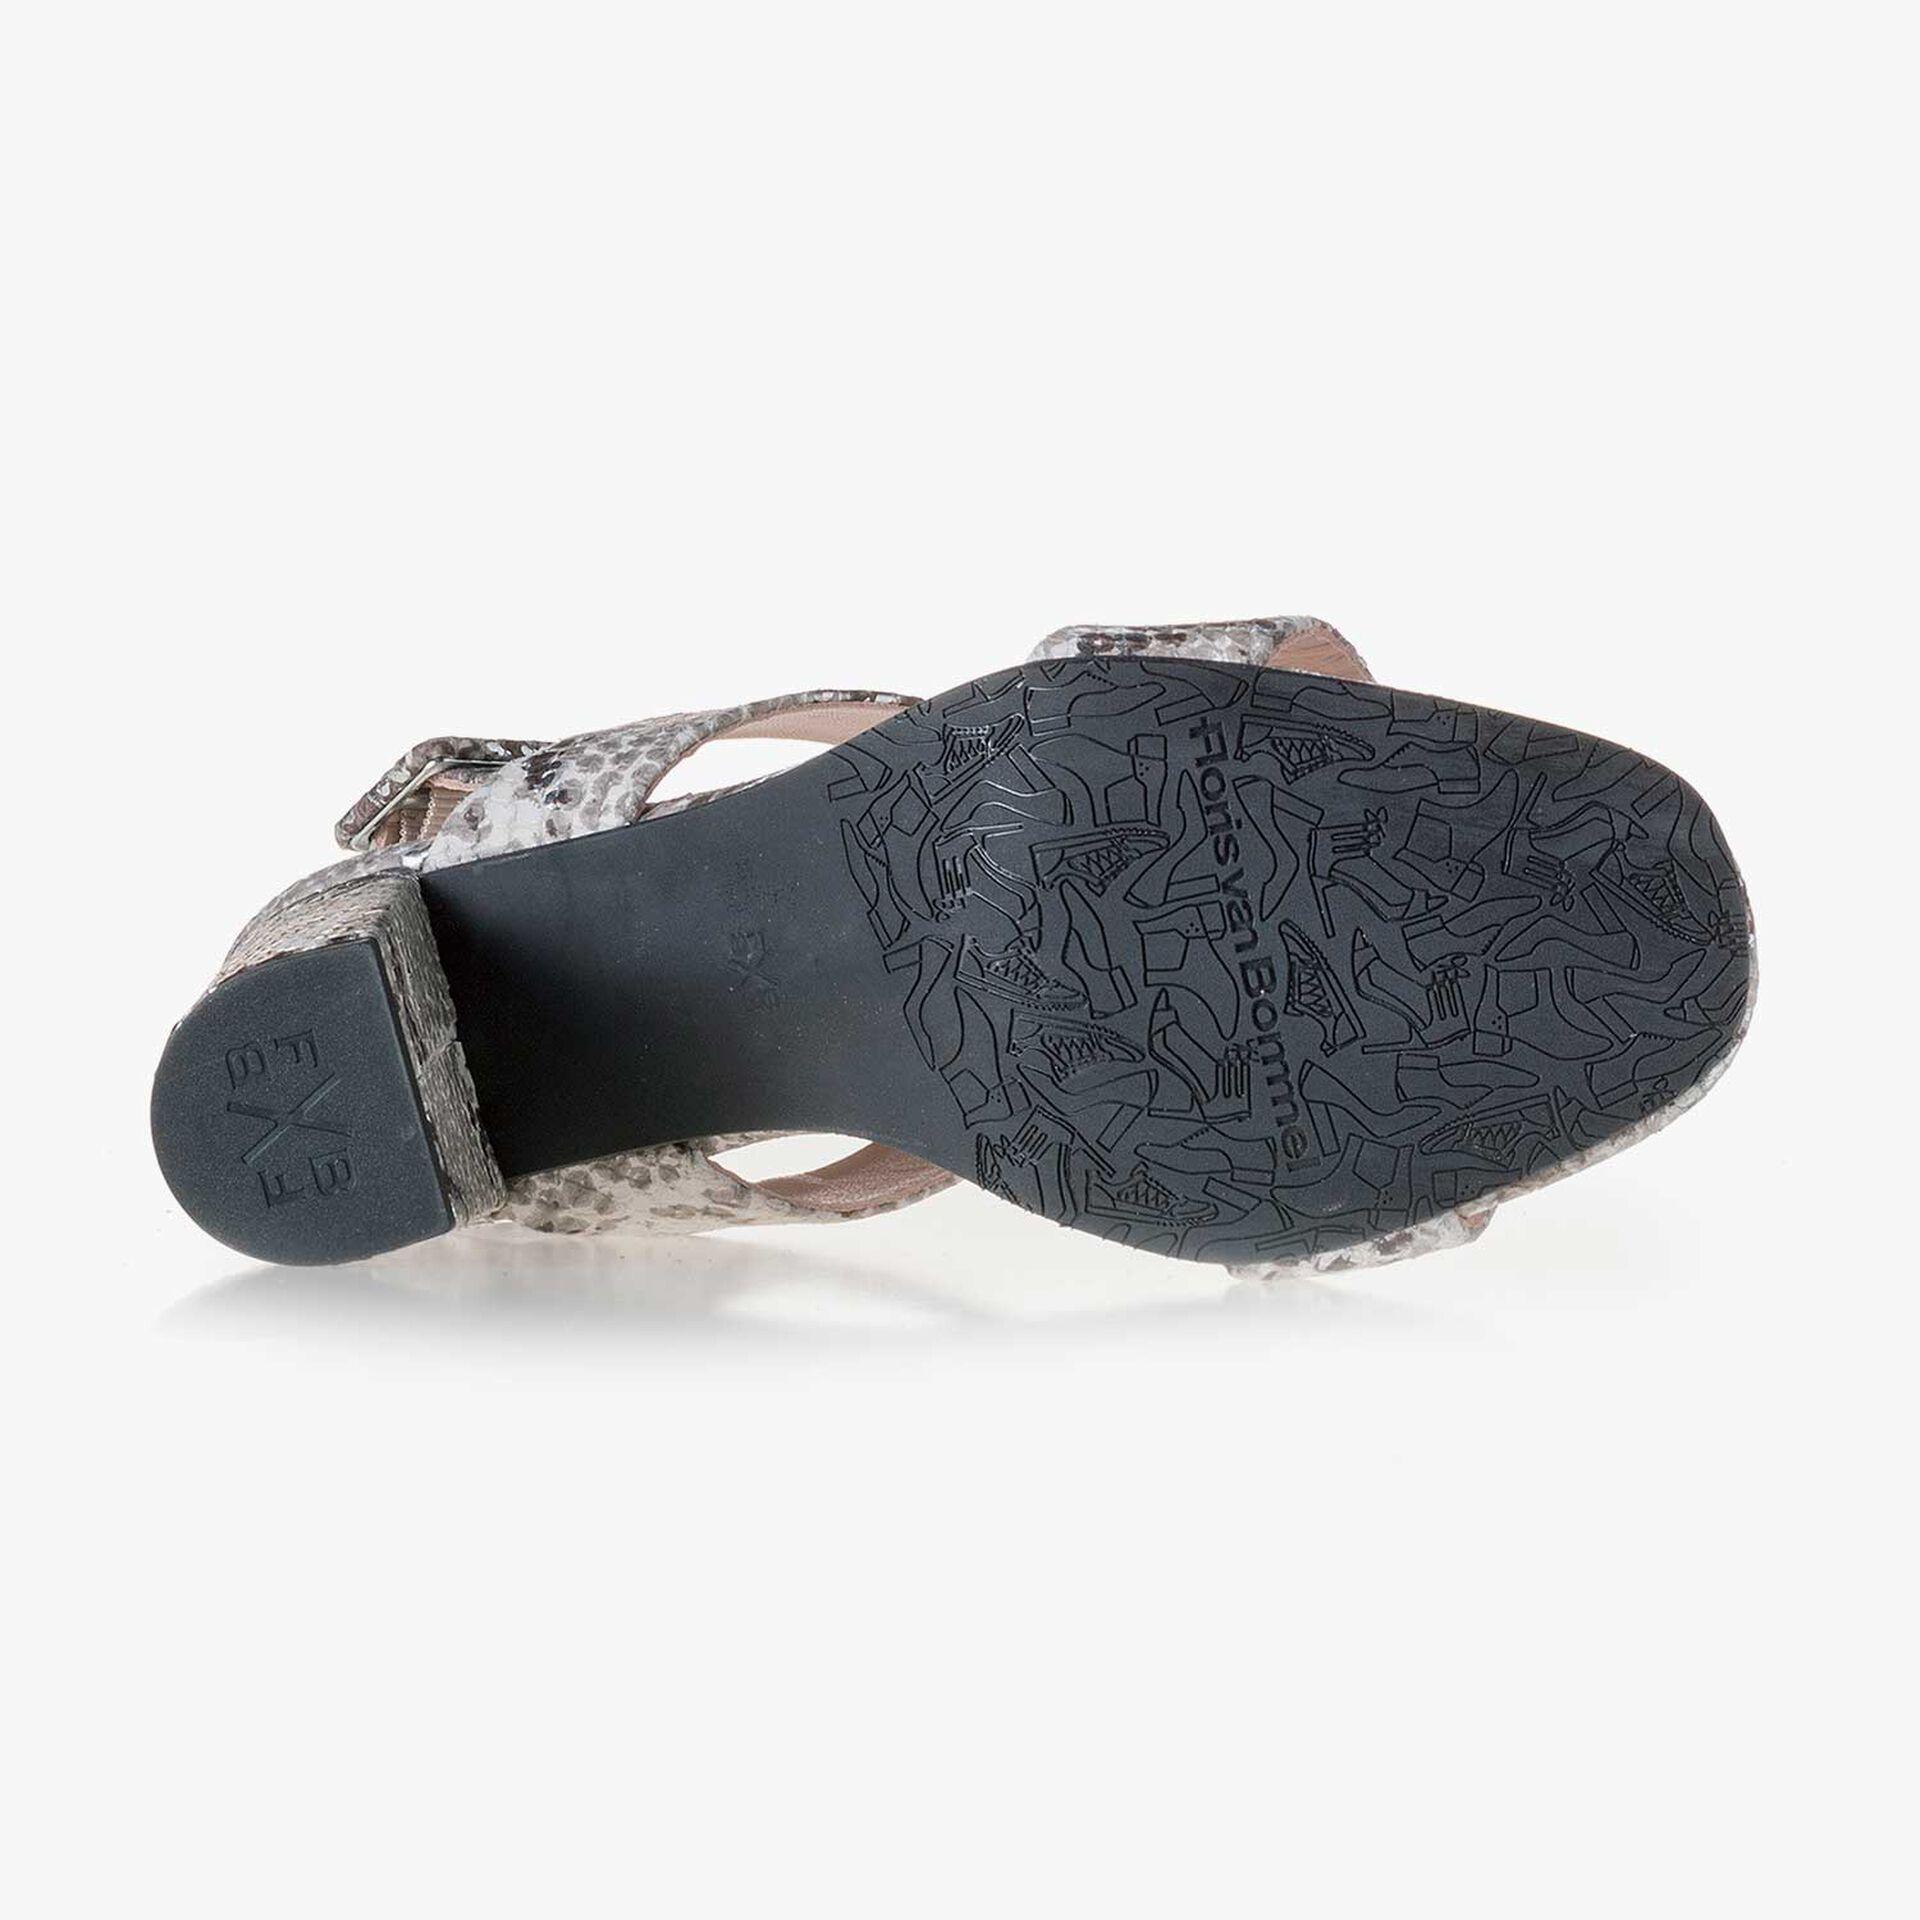 Taupekleurige leren sandaal met snakeprint